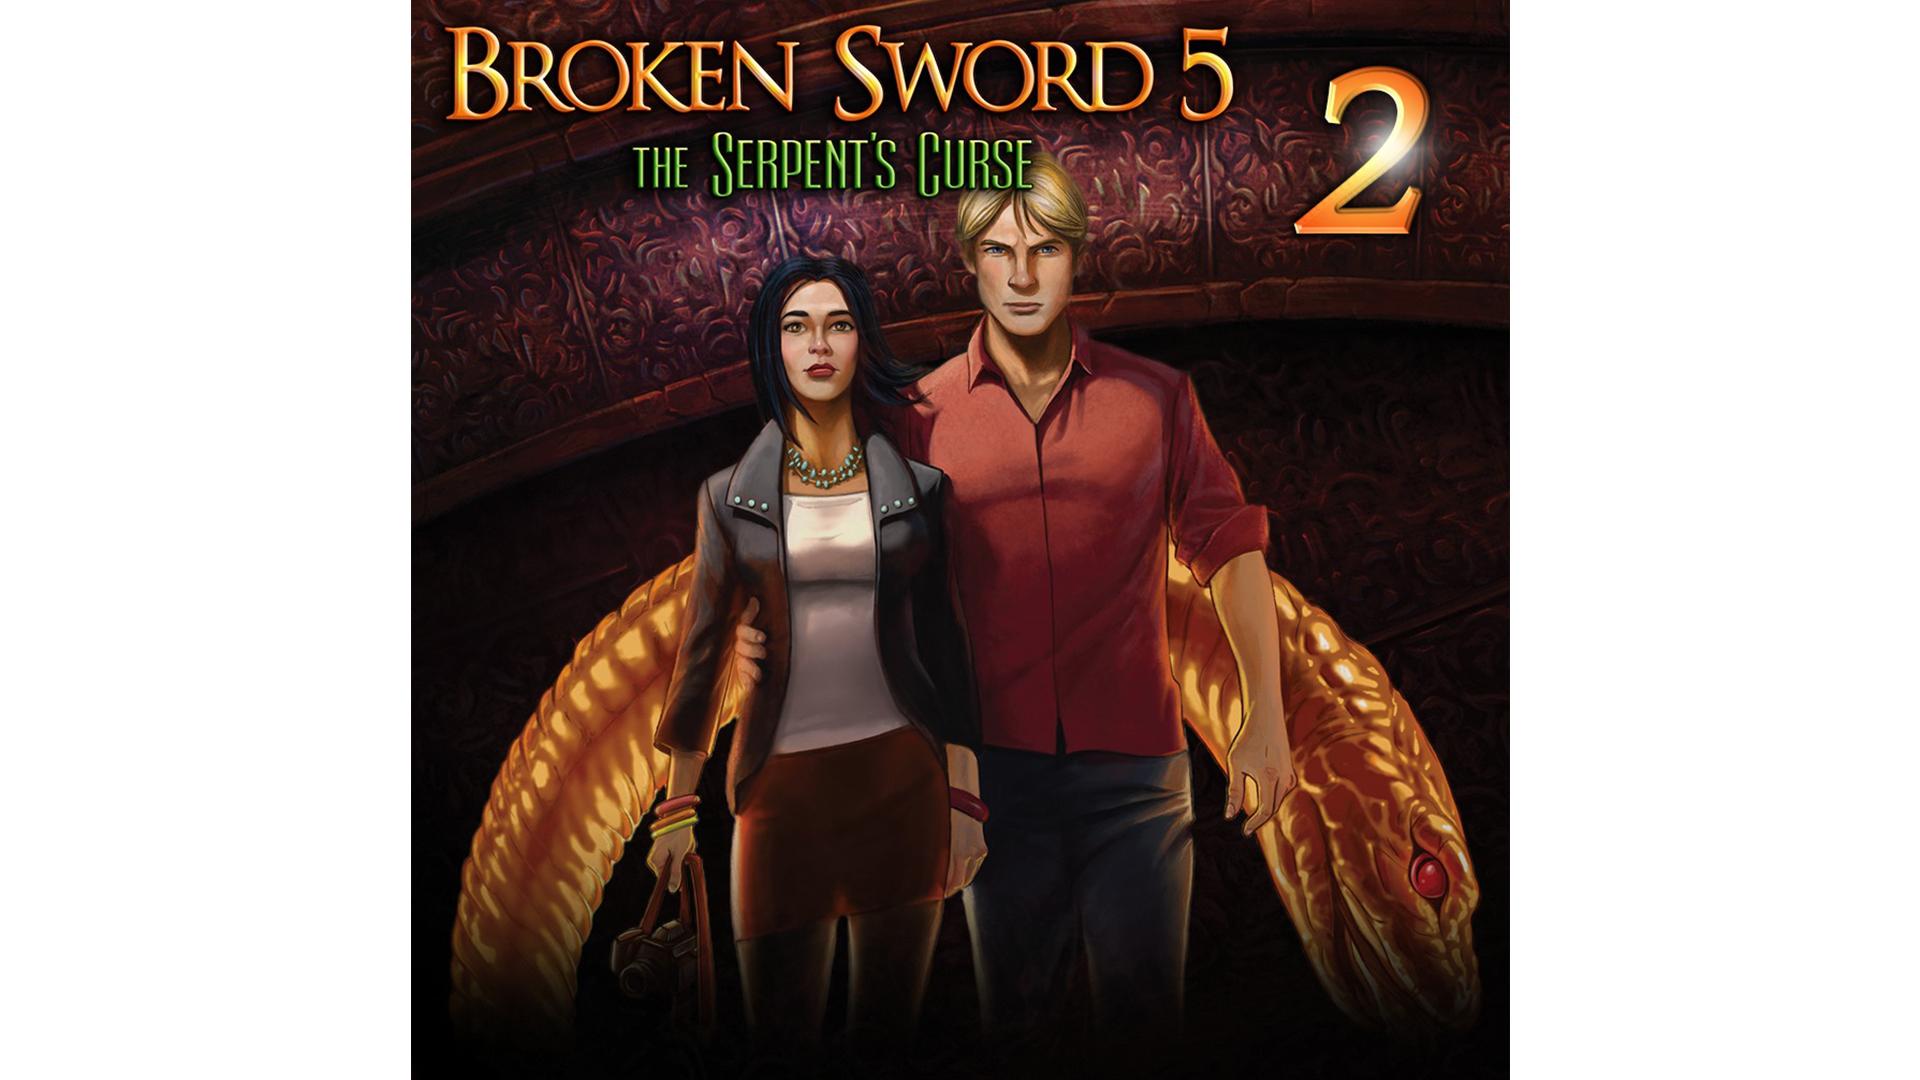 broken sword 5 episode 2 pc download